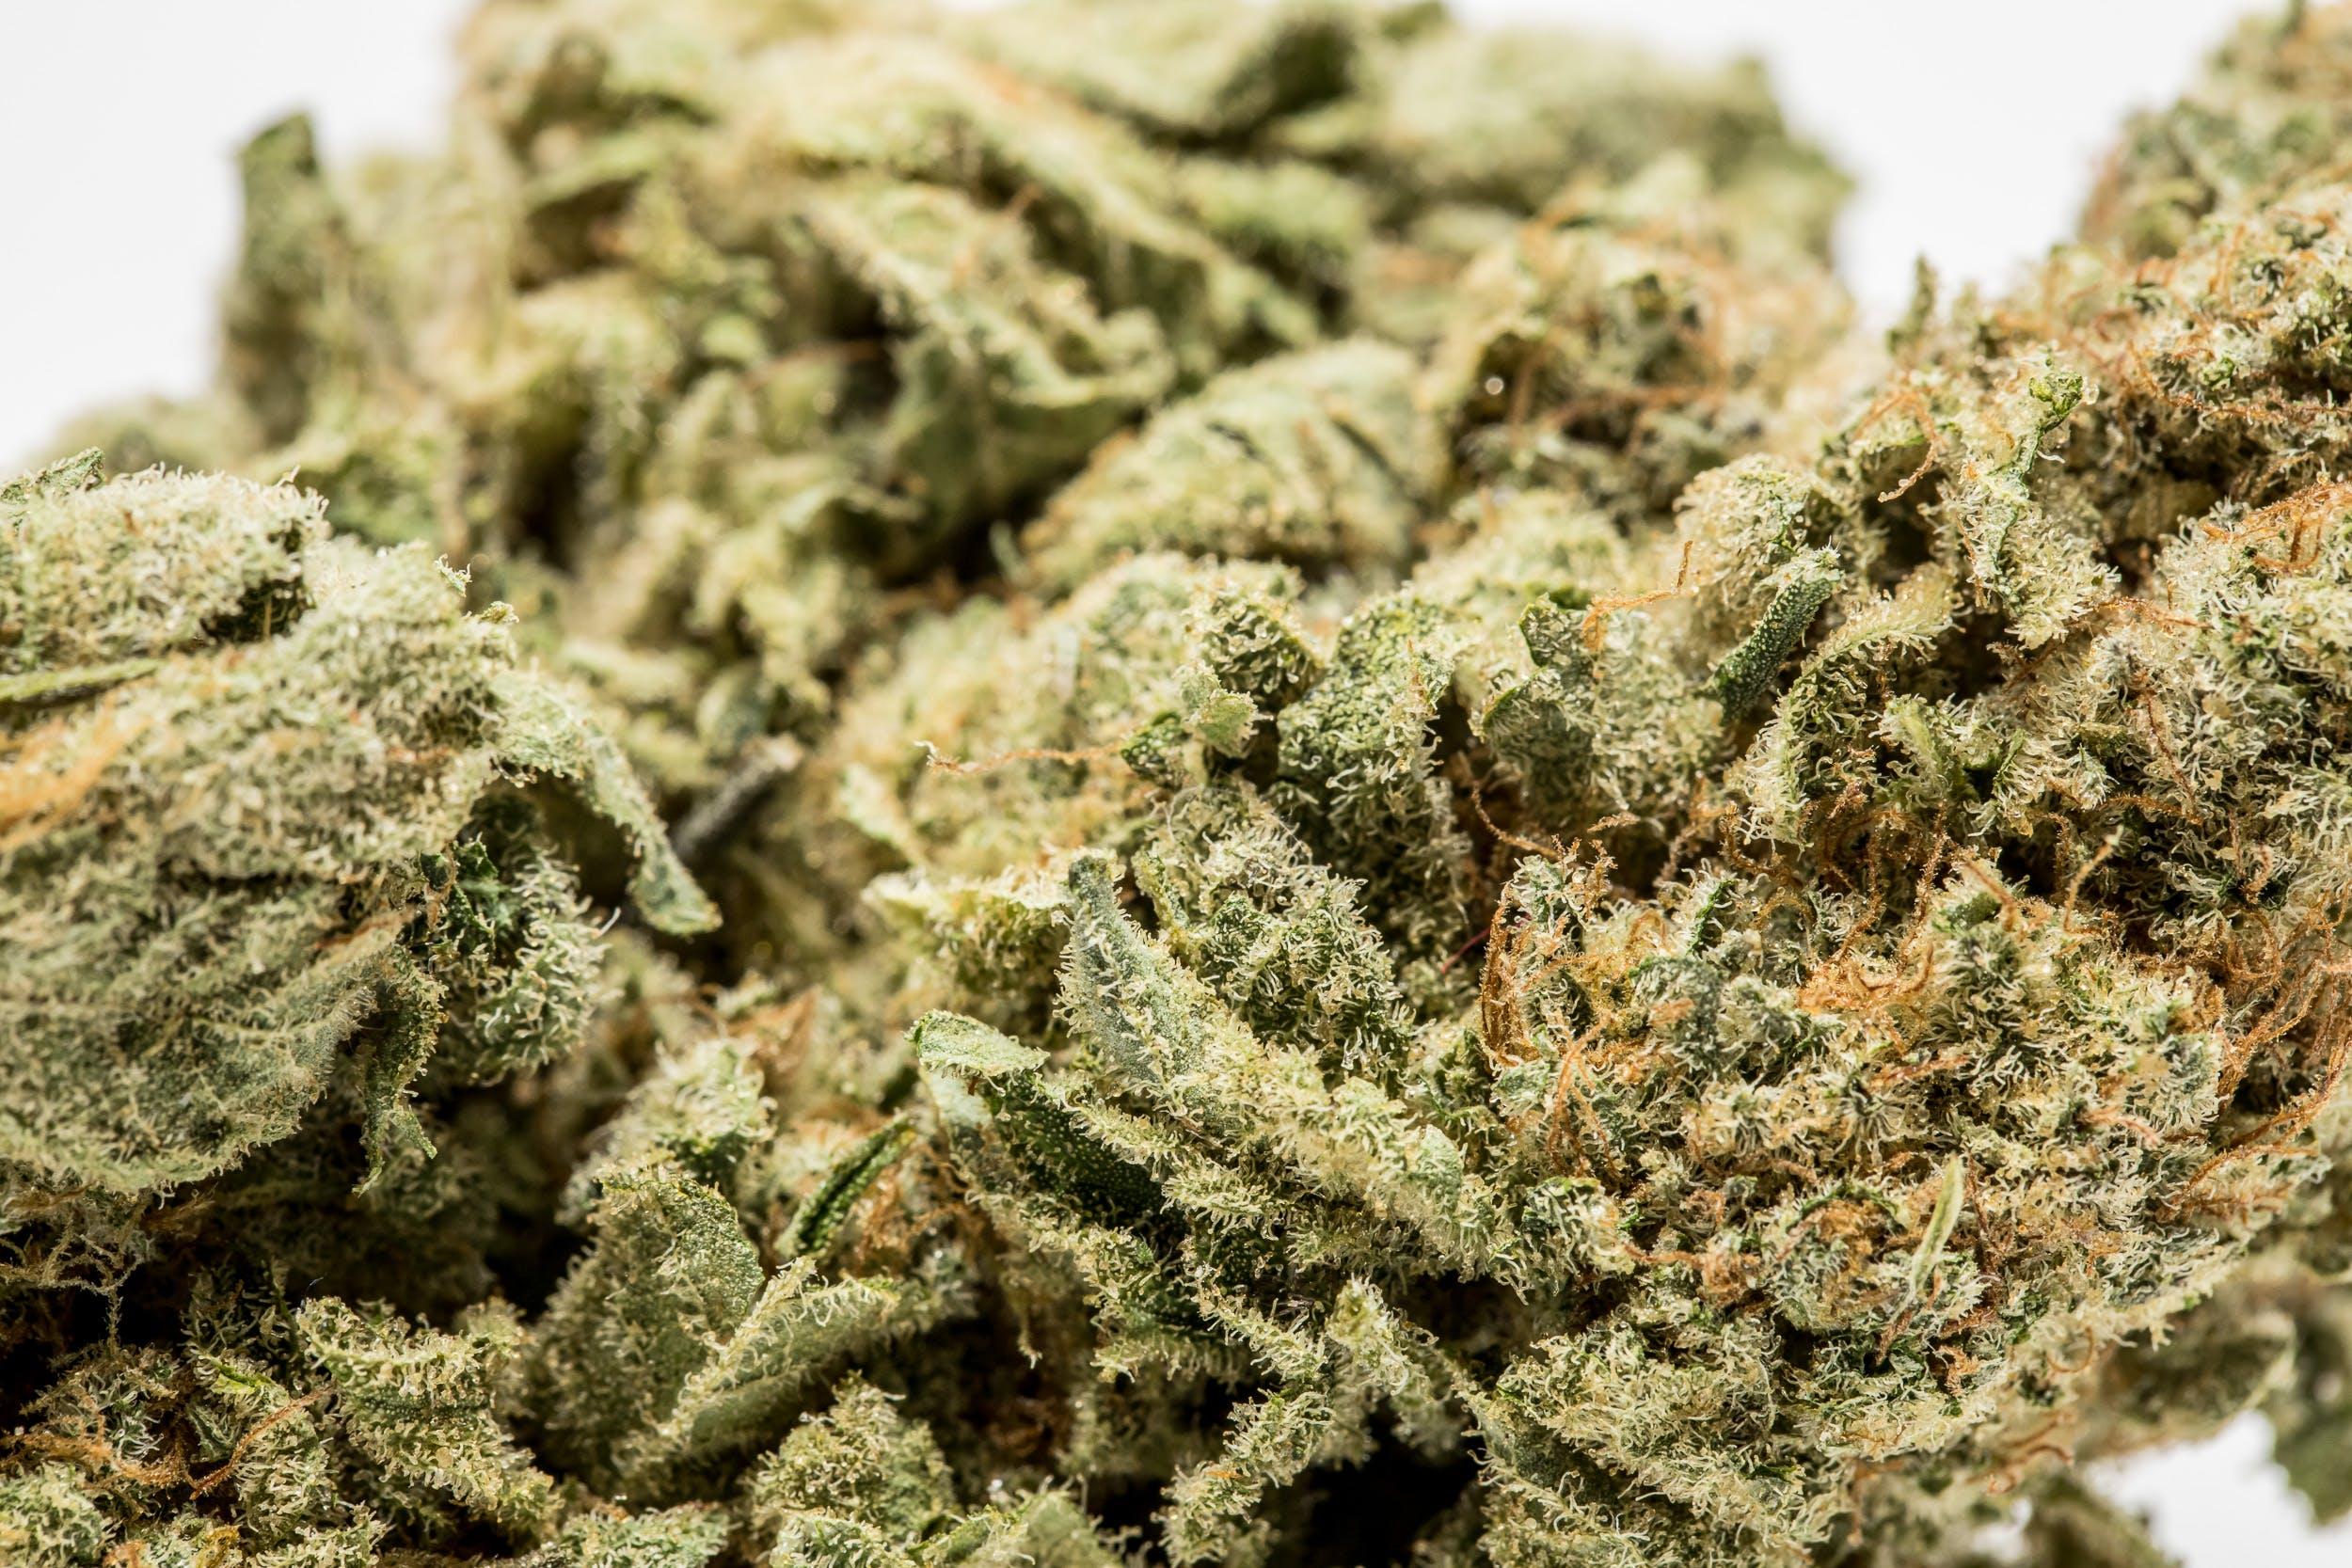 Skunk #1 Weed; Skunk #1 Cannabis Strain; Skunk #1 Hybrid Marijuana Strain